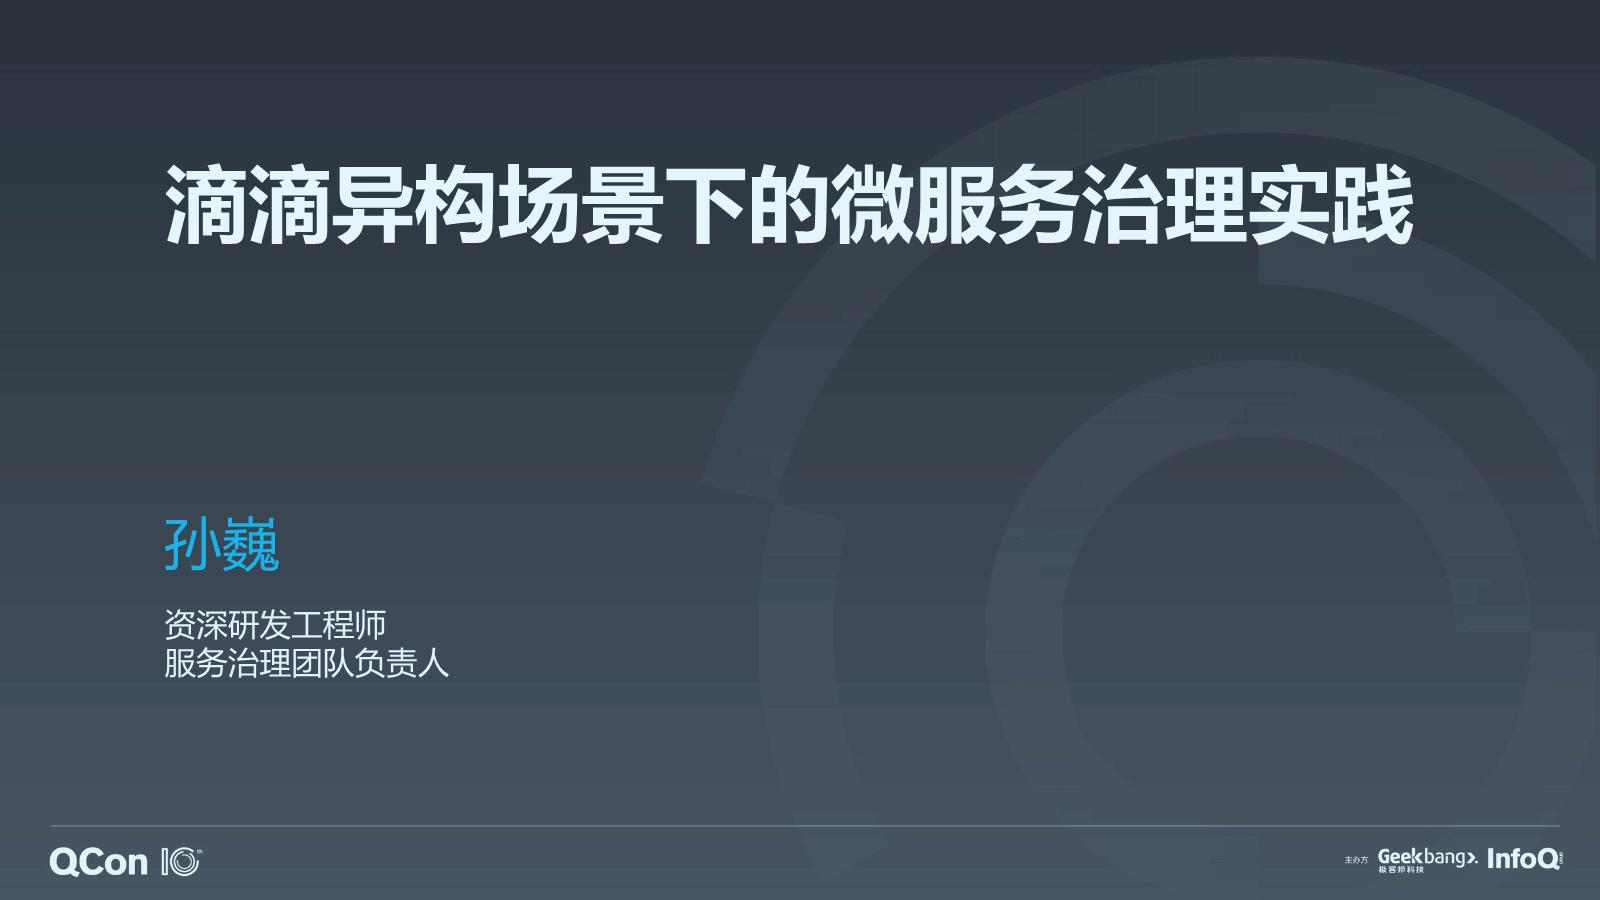 孙巍-滴滴异构场景下微服务治理实践